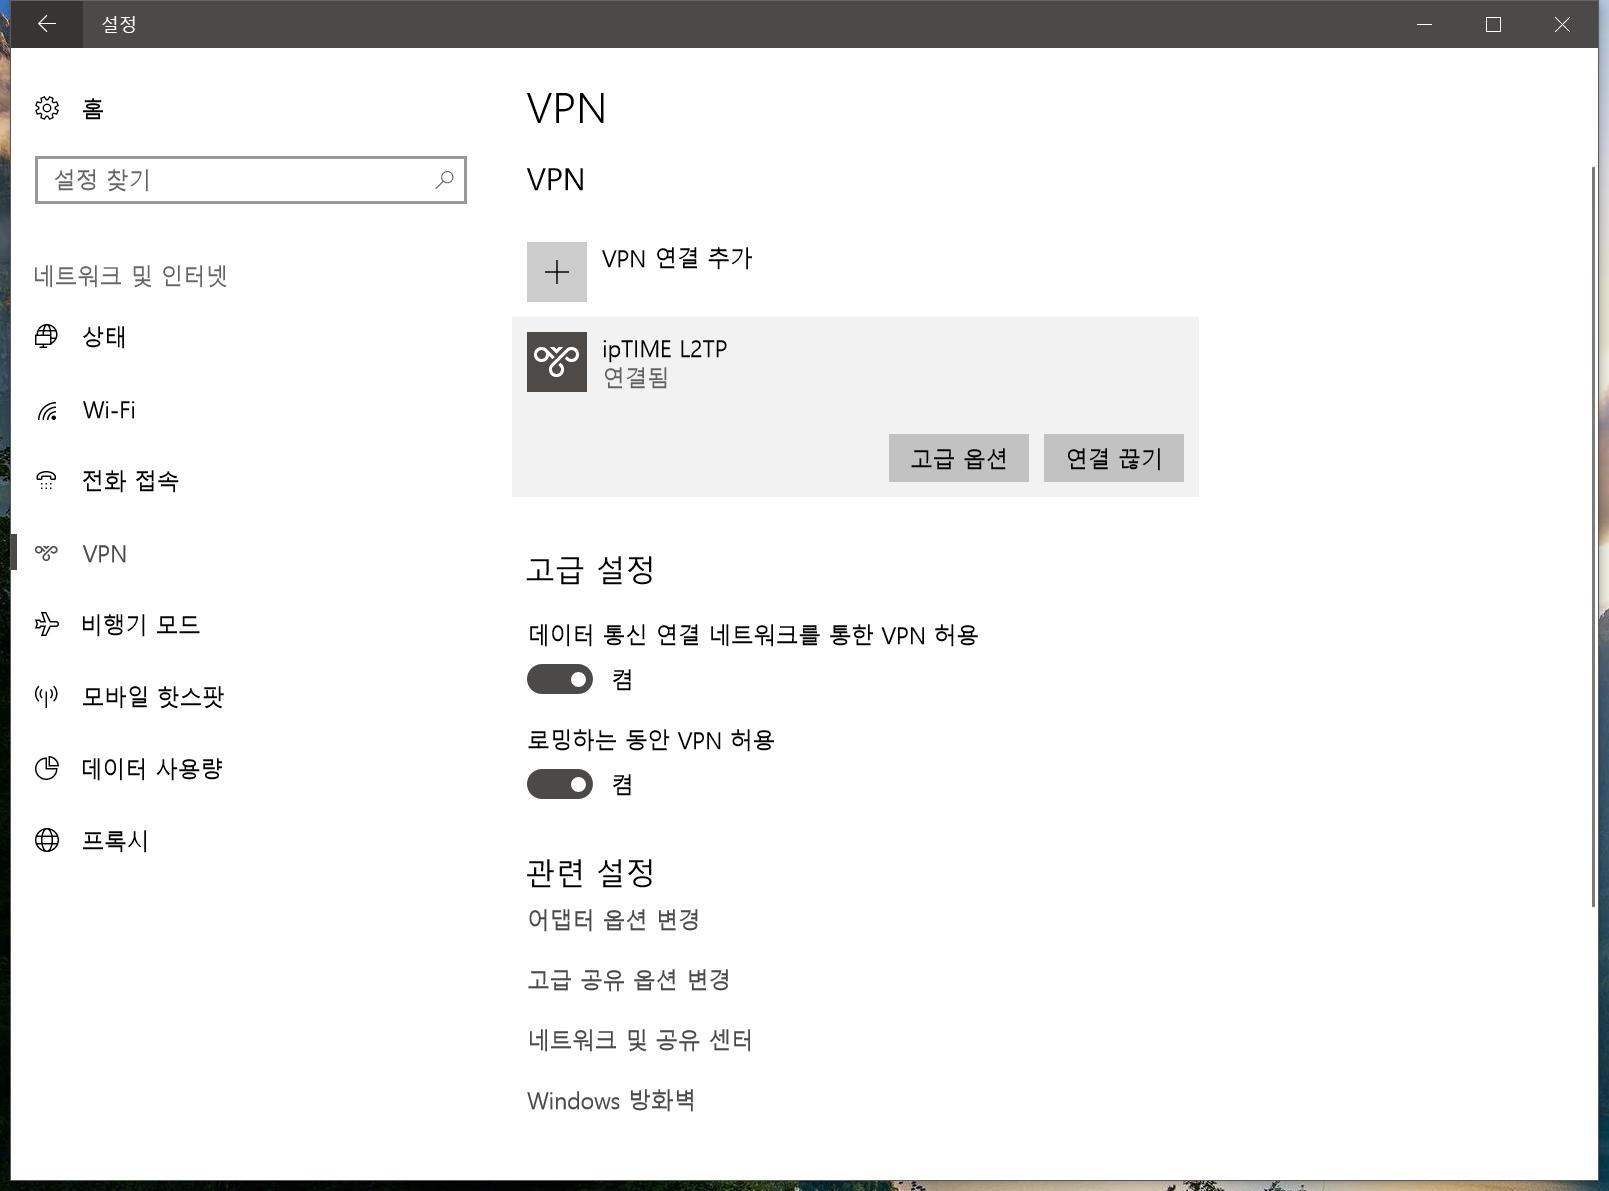 윈도우 L2TP VPN 연결 성공